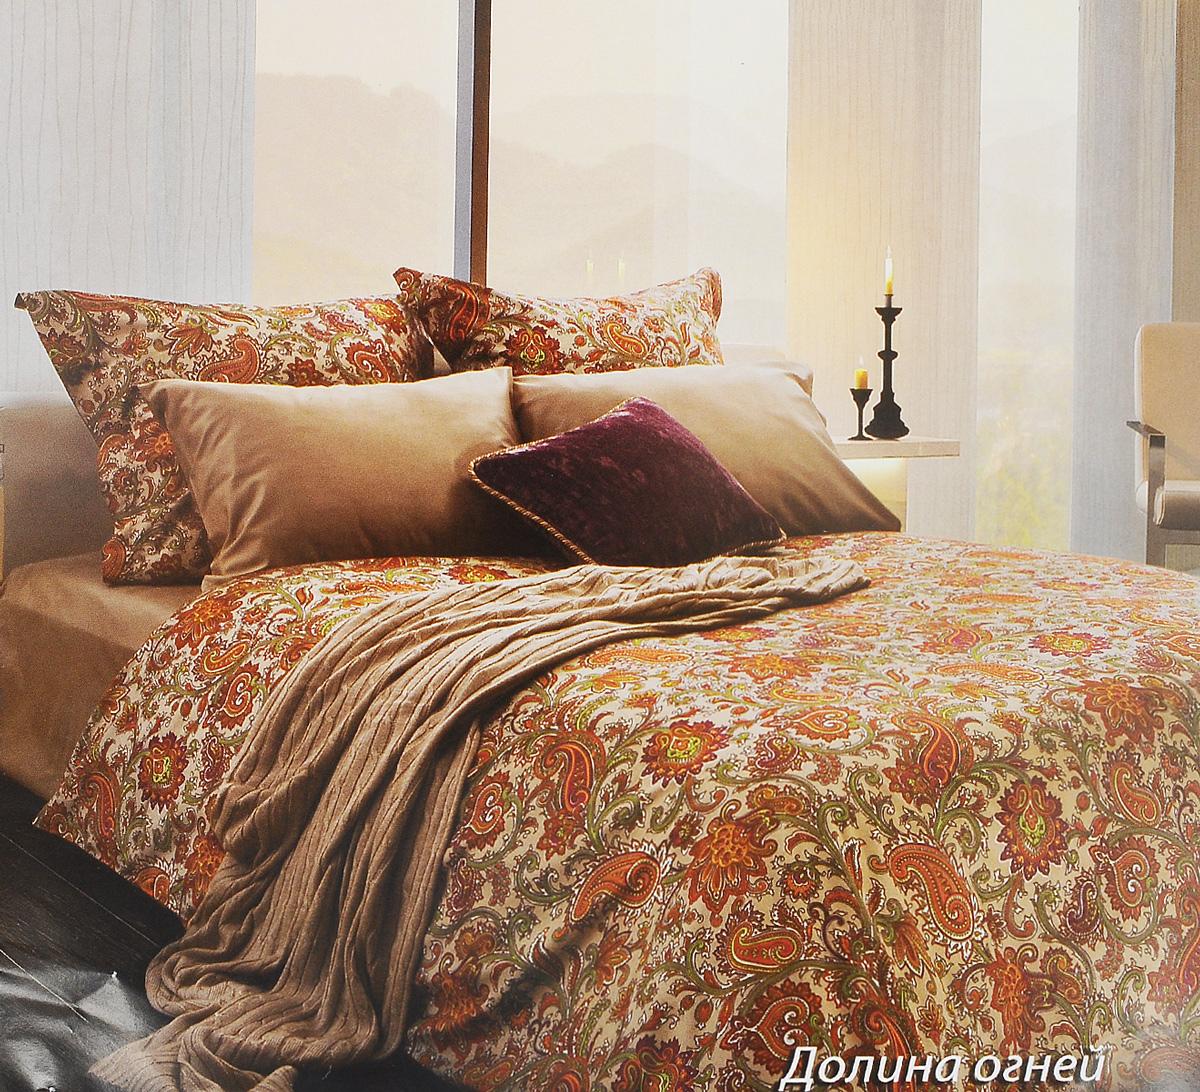 Комплект белья Tiffanys Secret Долина огней, 1,5-спальный, наволочки 50х70, цвет: бежевый, оранжевый, белый391602Комплект постельного белья Tiffanys Secret Долина огней является экологически безопасным для всей семьи, так как выполнен из сатина (100% хлопок). Комплект состоит из пододеяльника, простыни и двух наволочек. Предметы комплекта оформлены оригинальным рисунком.Благодаря такому комплекту постельного белья вы сможете создать атмосферу уюта и комфорта в вашей спальне.Сатин - это ткань, навсегда покорившая сердца человечества. Ценившие роскошь персы называли ее атлас, а искушенные в прекрасном французы - сатин. Секрет высококачественного сатина в безупречности всего технологического процесса. Эту благородную ткань делают только из отборной натуральной пряжи, которую получают из самого лучшего тонковолокнистого хлопка. Благодаря использованию самой тонкой хлопковой нити получается необычайно мягкое и нежное полотно. Сатиновое постельное белье превращает жаркие летние ночи в прохладные и освежающие, а холодные зимние - в теплые и согревающие. Сатин очень приятен на ощупь, постельное белье из него долговечно, выдерживает более 300 стирок, и лишь спустя долгое время материал начинает немного тускнеть. Оцените все достоинства постельного белья из сатина, выбирая самое лучшее для себя!